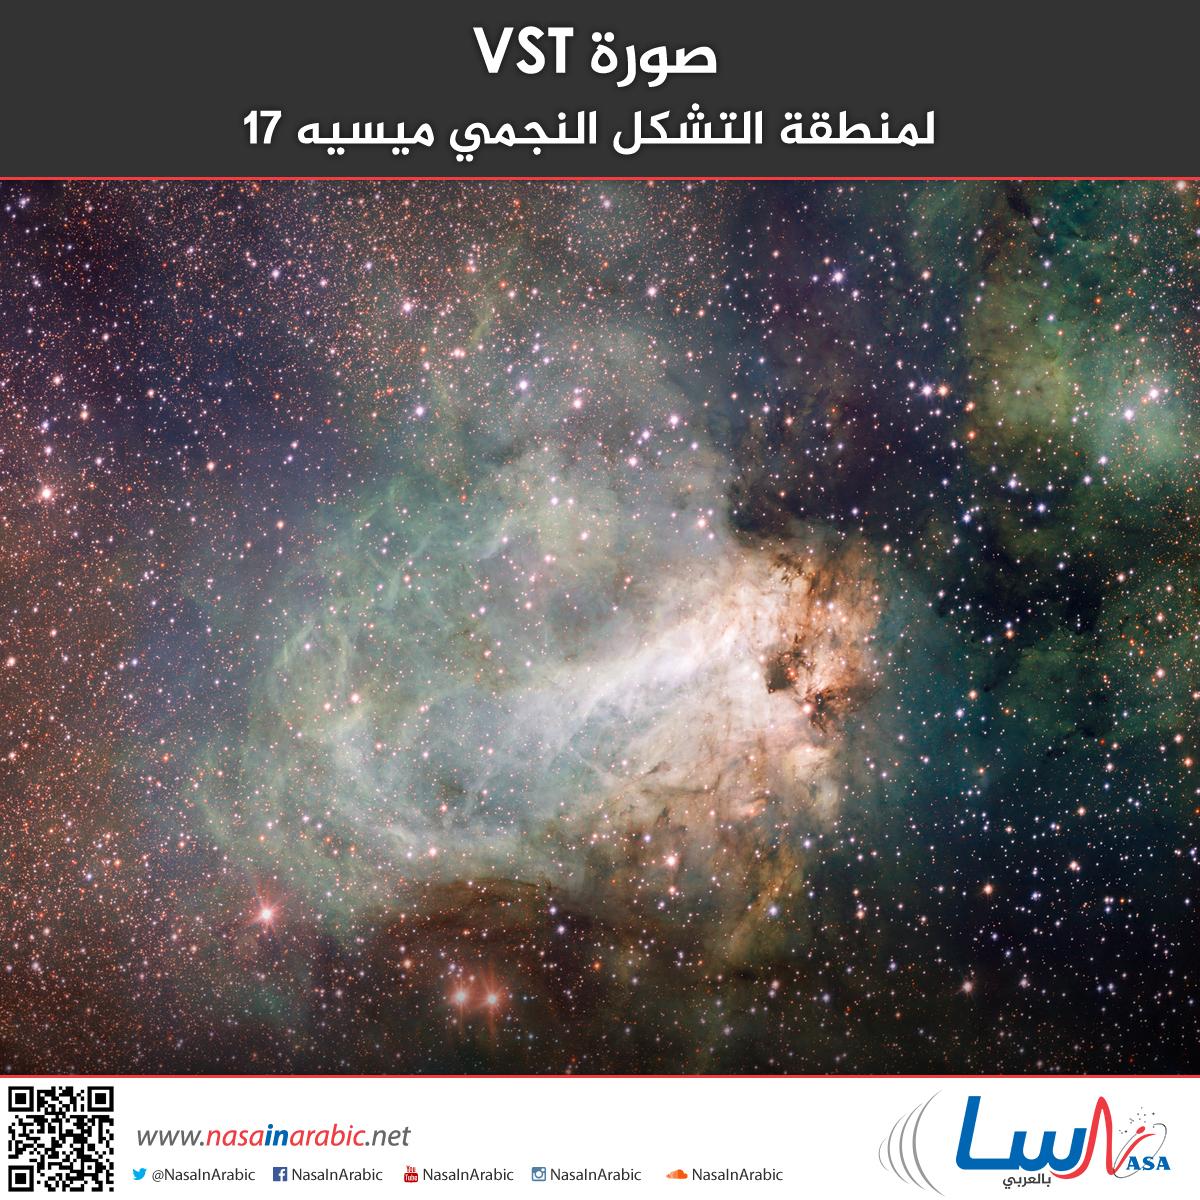 صورة VST لمنطقة التشكل النجمي ميسيه 17